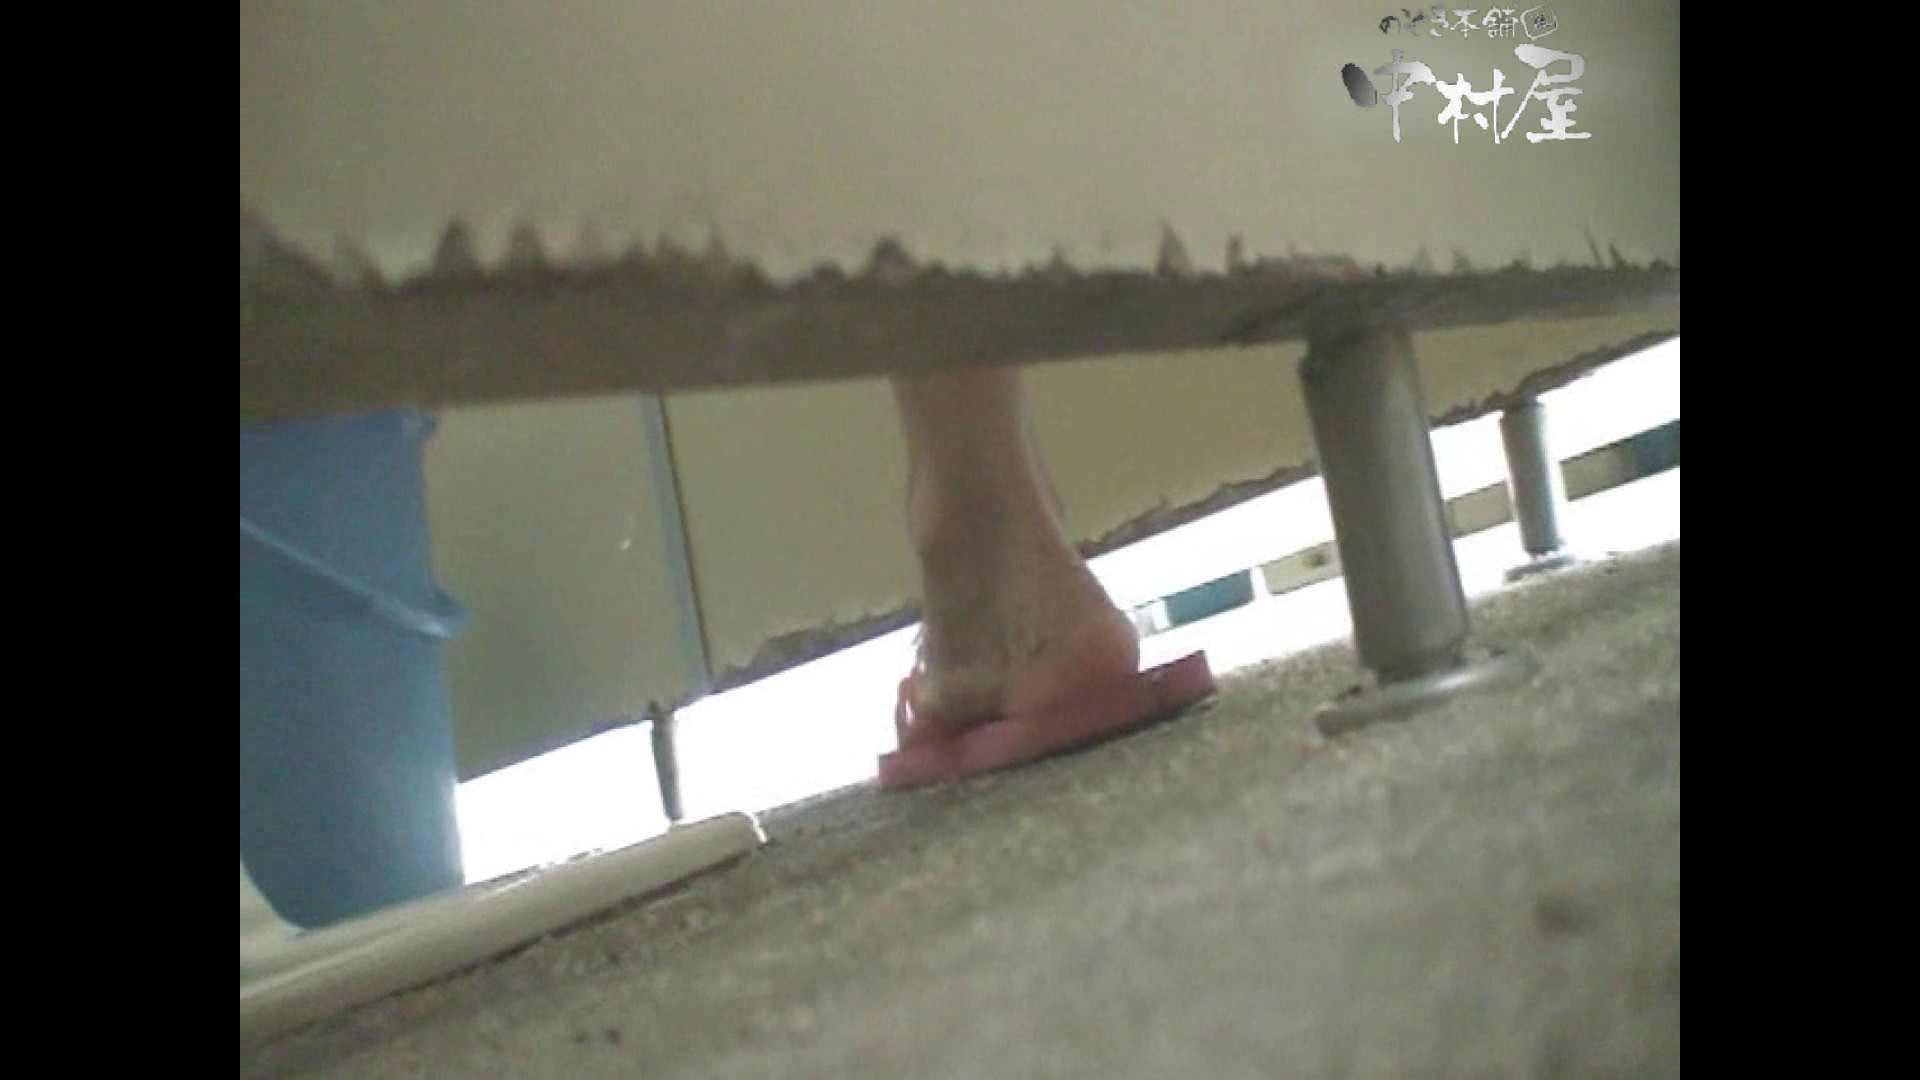 岩手県在住盗撮師盗撮記録vol.17 ハプニング映像 のぞき動画キャプチャ 87PIX 54